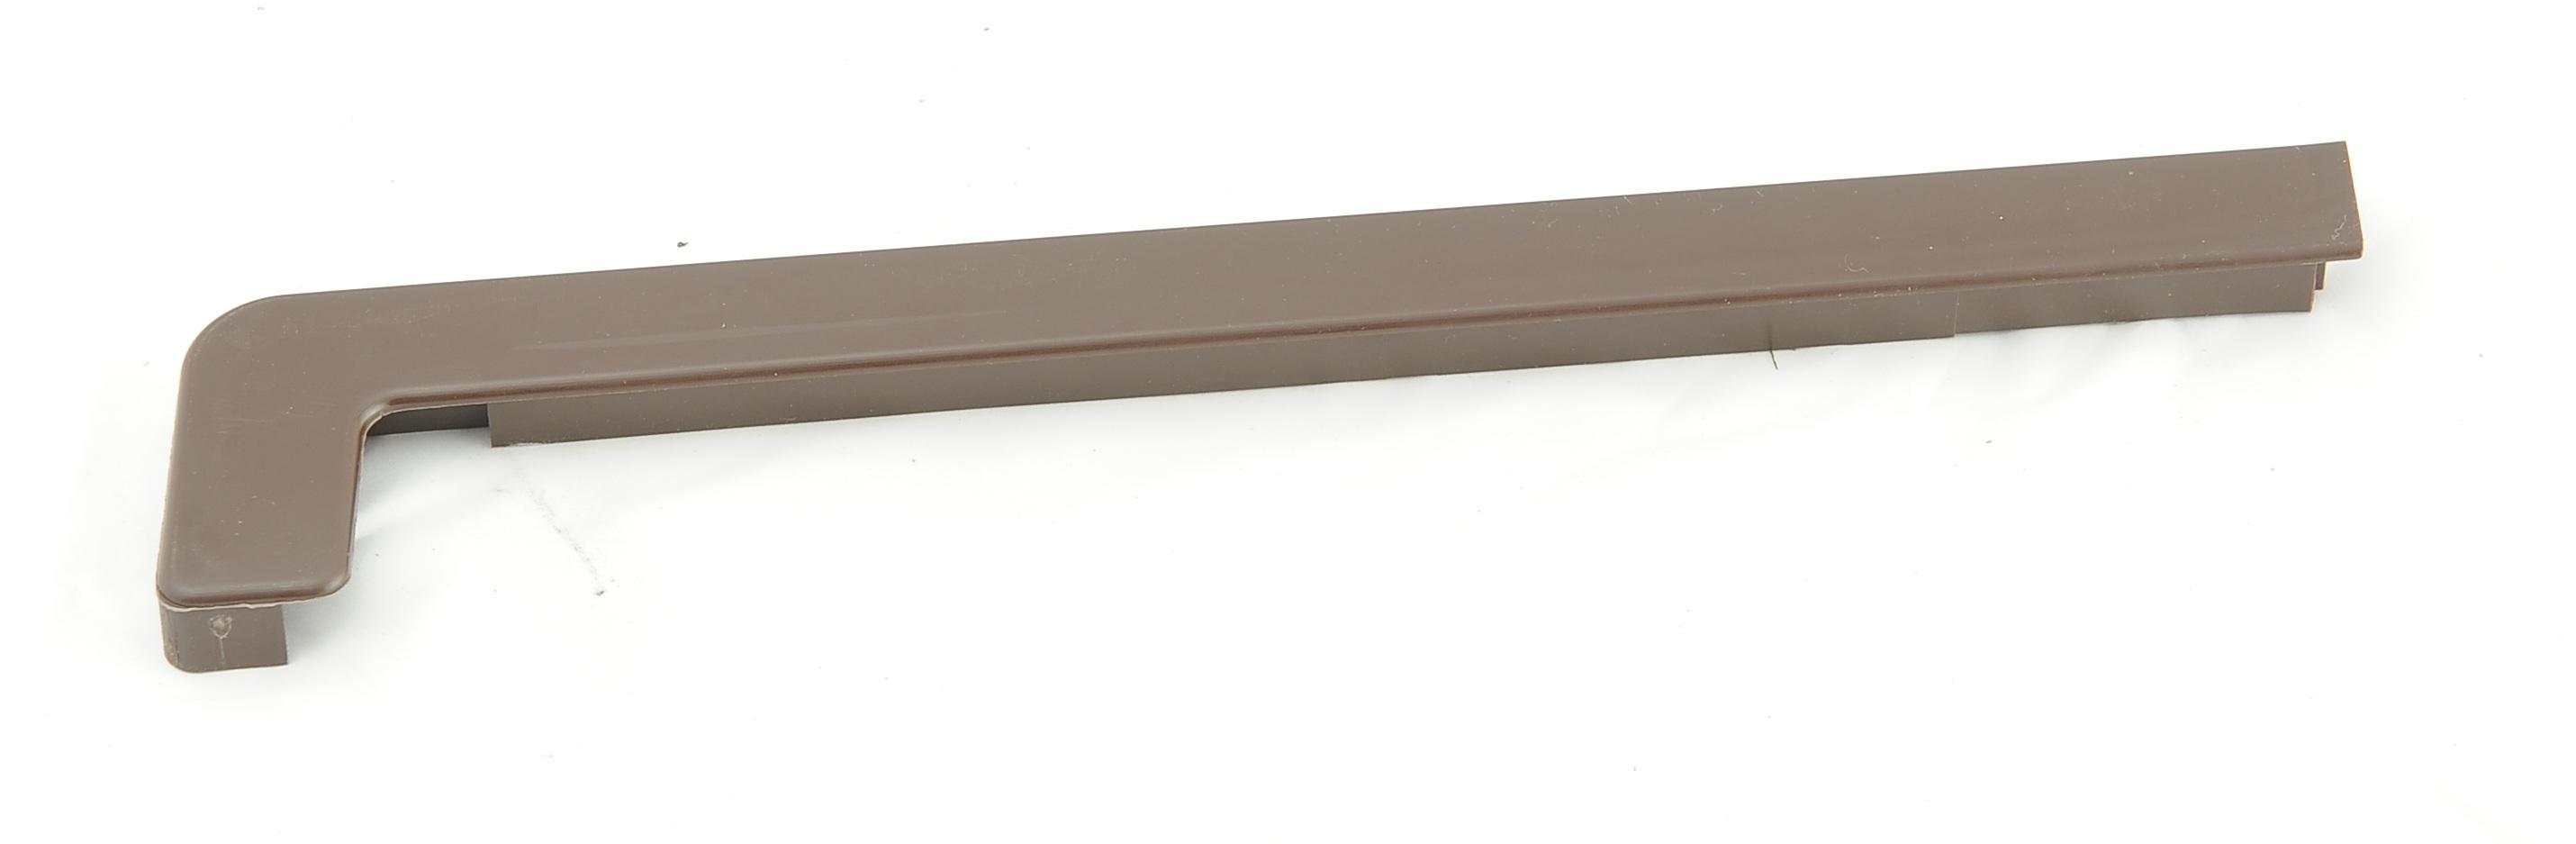 Plastová krytka k hliníkovým ohýbaným parapetům 150 až 180 mm